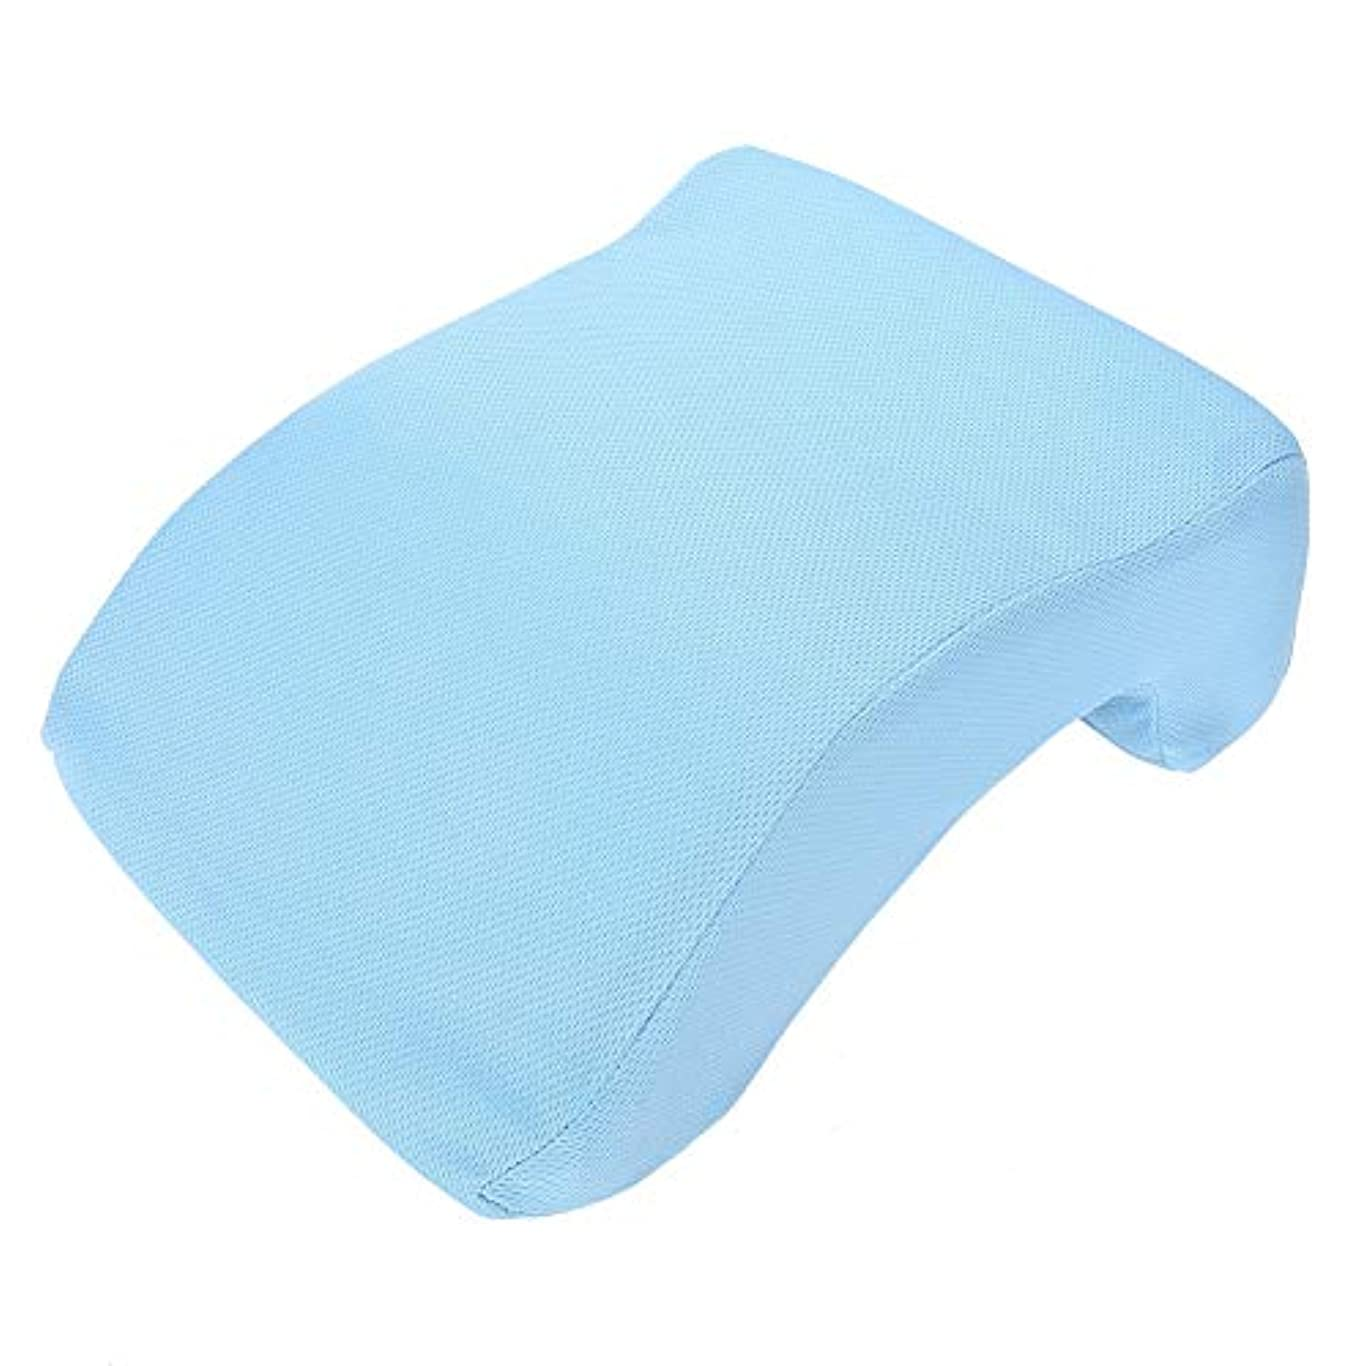 誤ってくしゃみダーリン低反発まくら ピロー マッサージ枕 首?頭?肩をやさしく支える 安眠枕 快眠グッズ 柔らかい 洗えるやすい